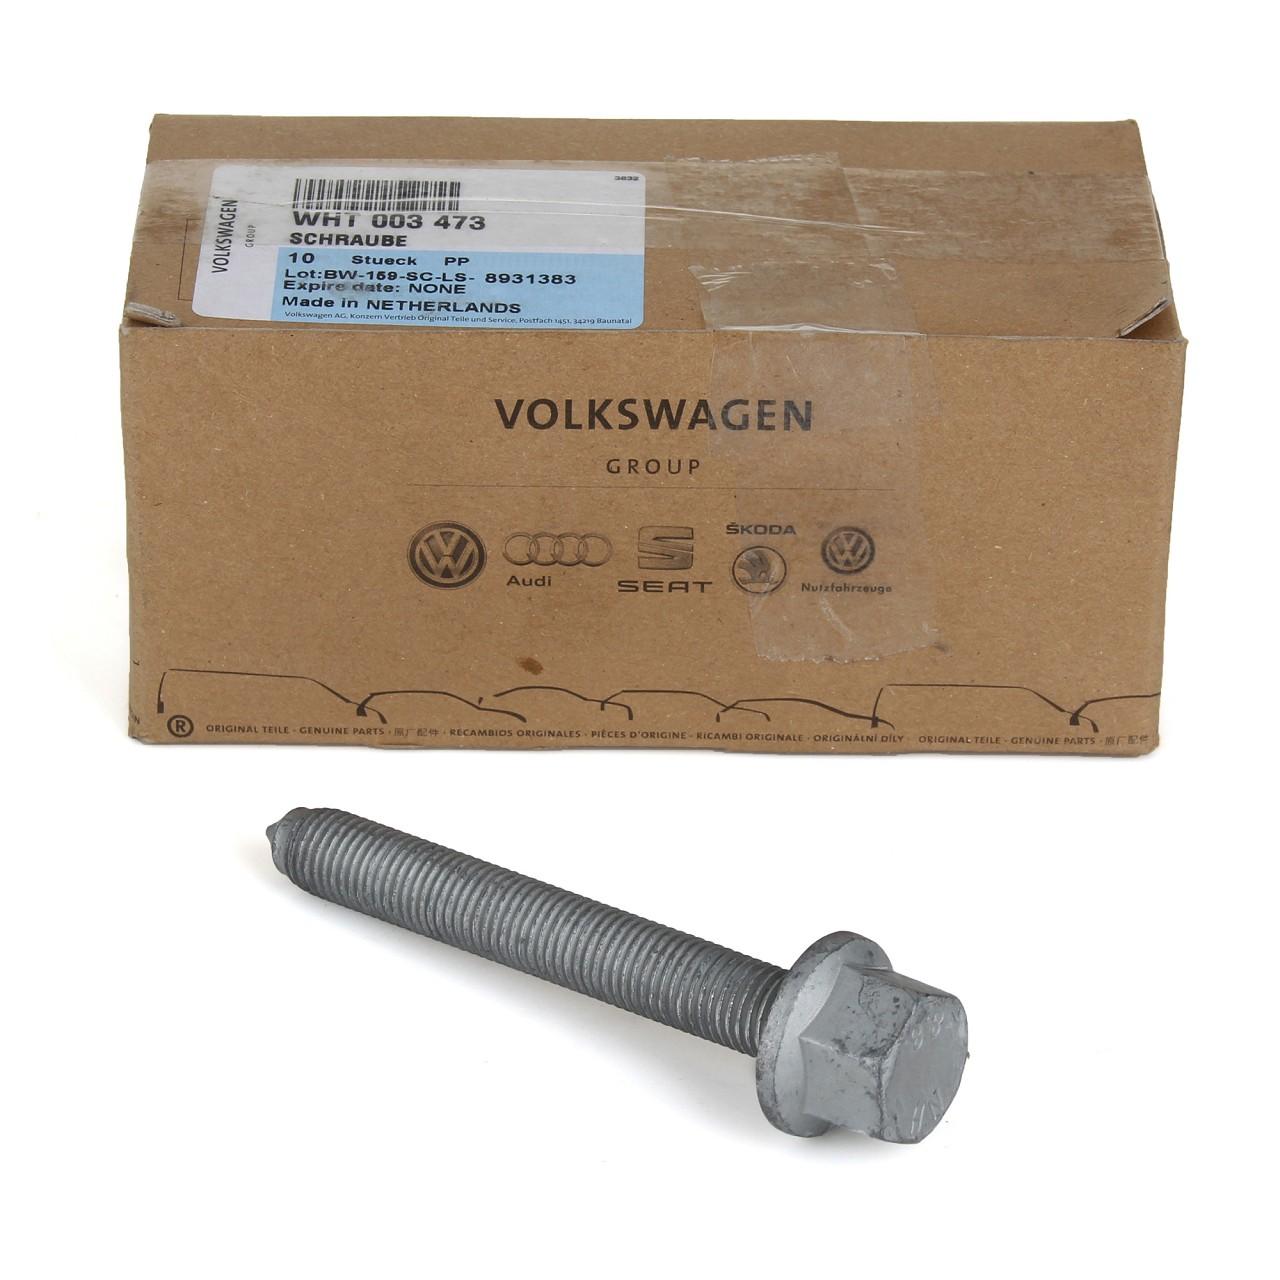 ORIGINAL VW Schraube Reserveradhalterung WHT003473 MULTIVAN TRANSPORTER T5 T6